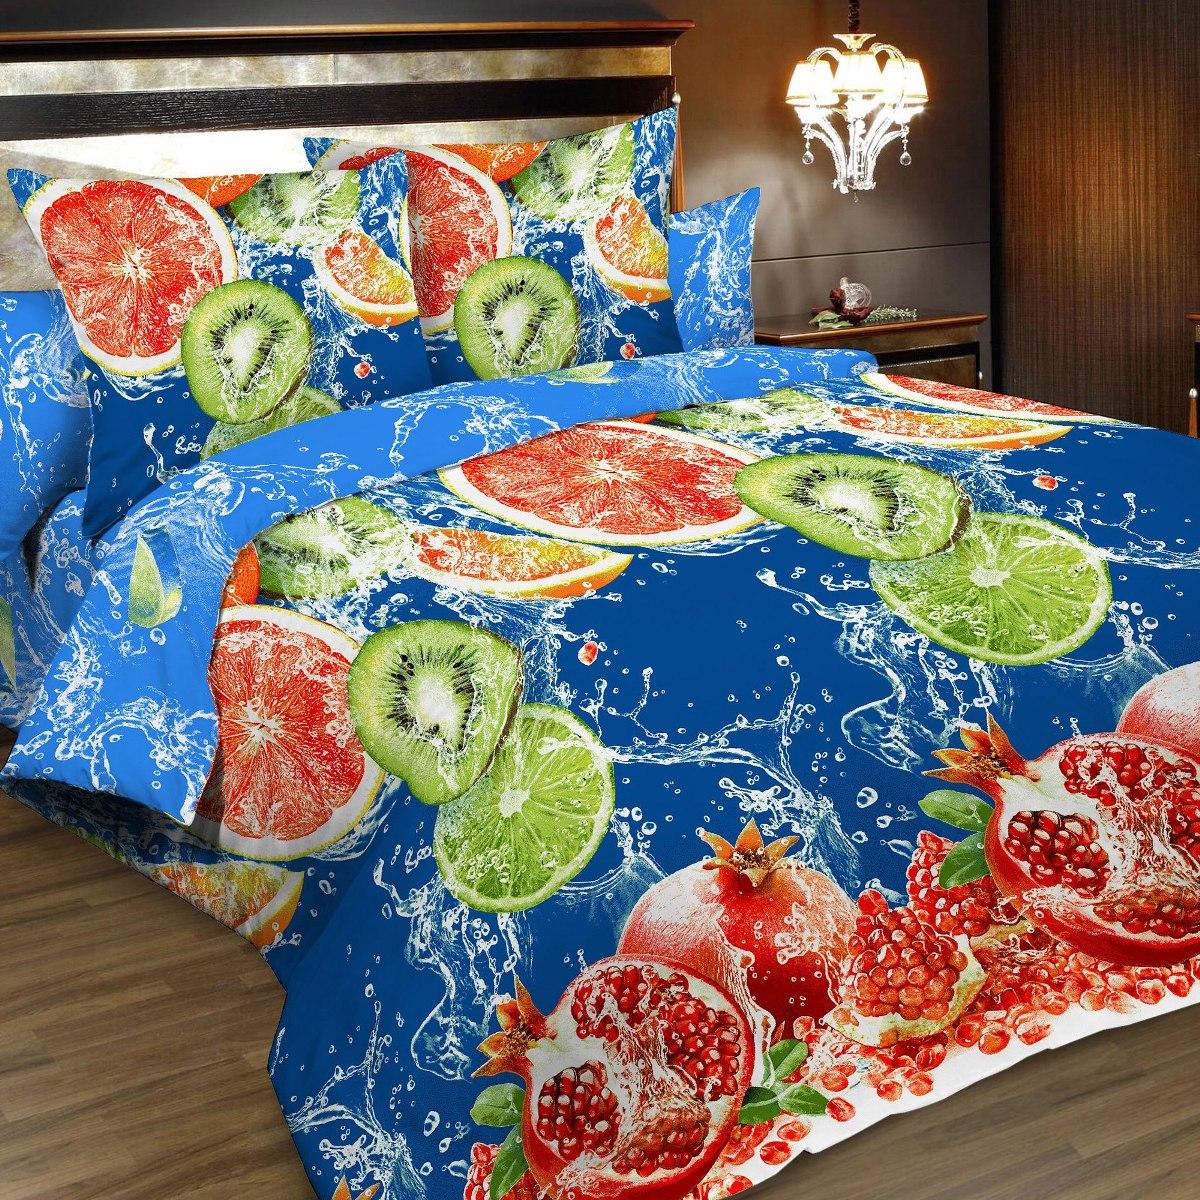 Комплект белья Letto, 1,5-спальный, наволочки 70х70. B166-3 комплект белья letto семейный наволочки 70х70 цвет голубой синий b183 7